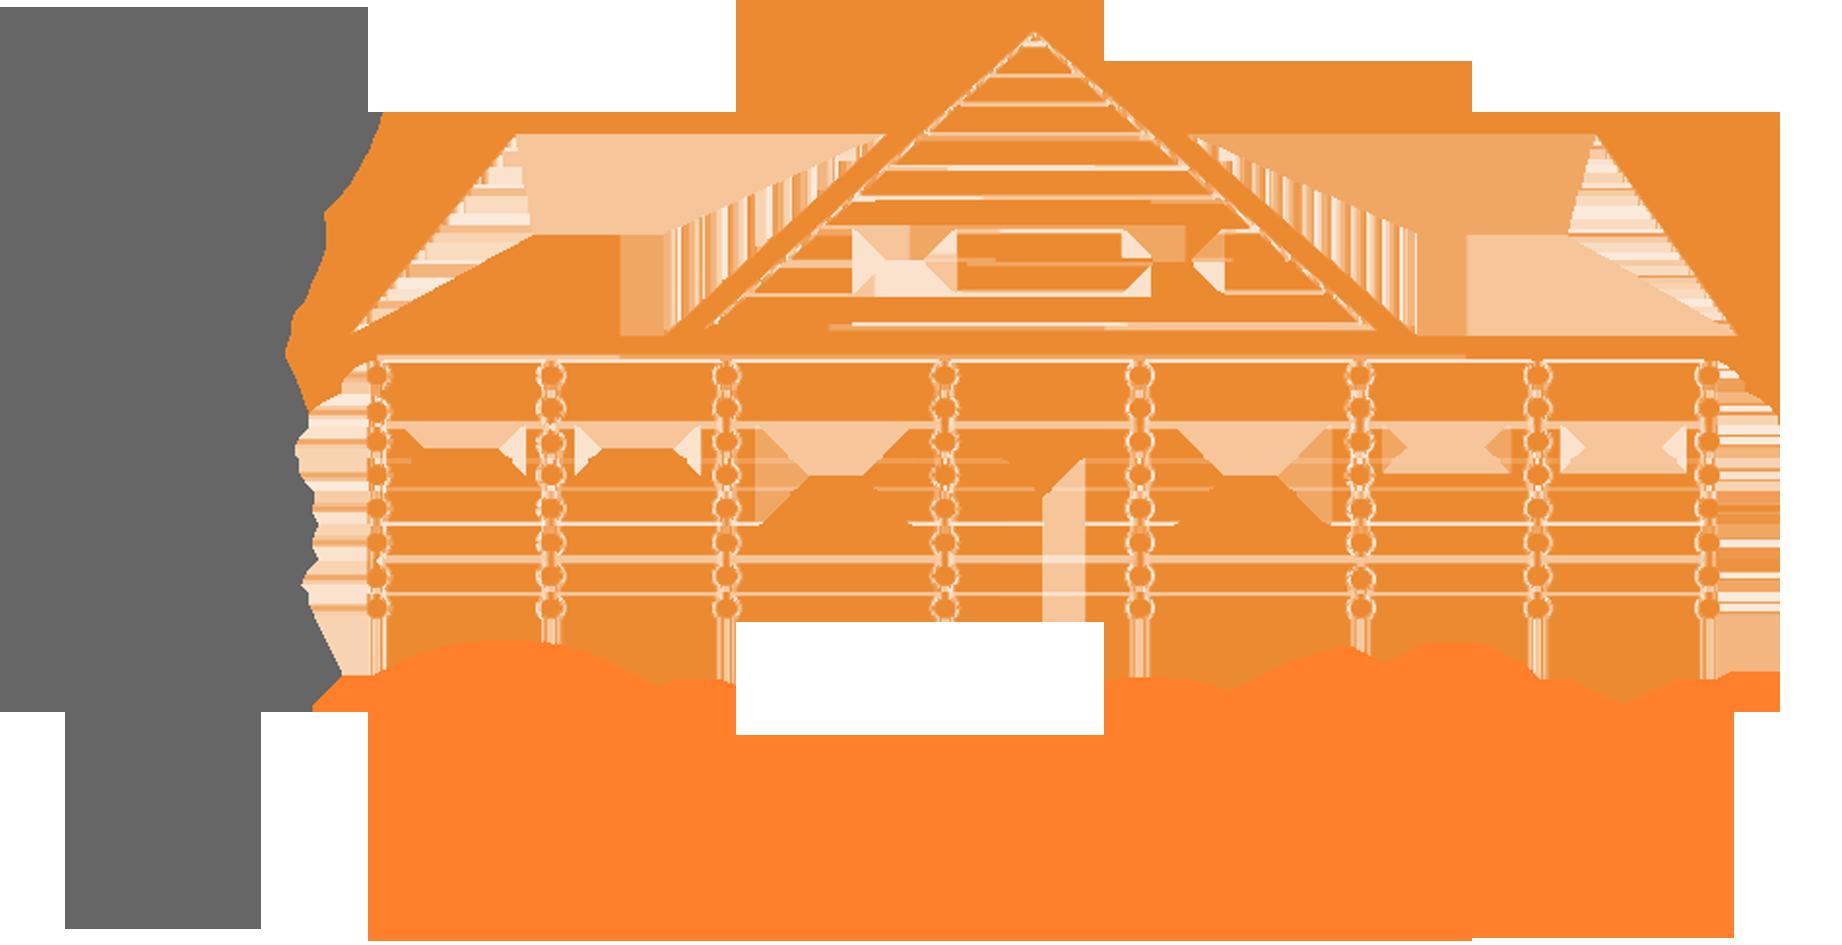 MidaCreativ - Holzartikel, Bastelartikel und Dekoartkel guenstig kaufen